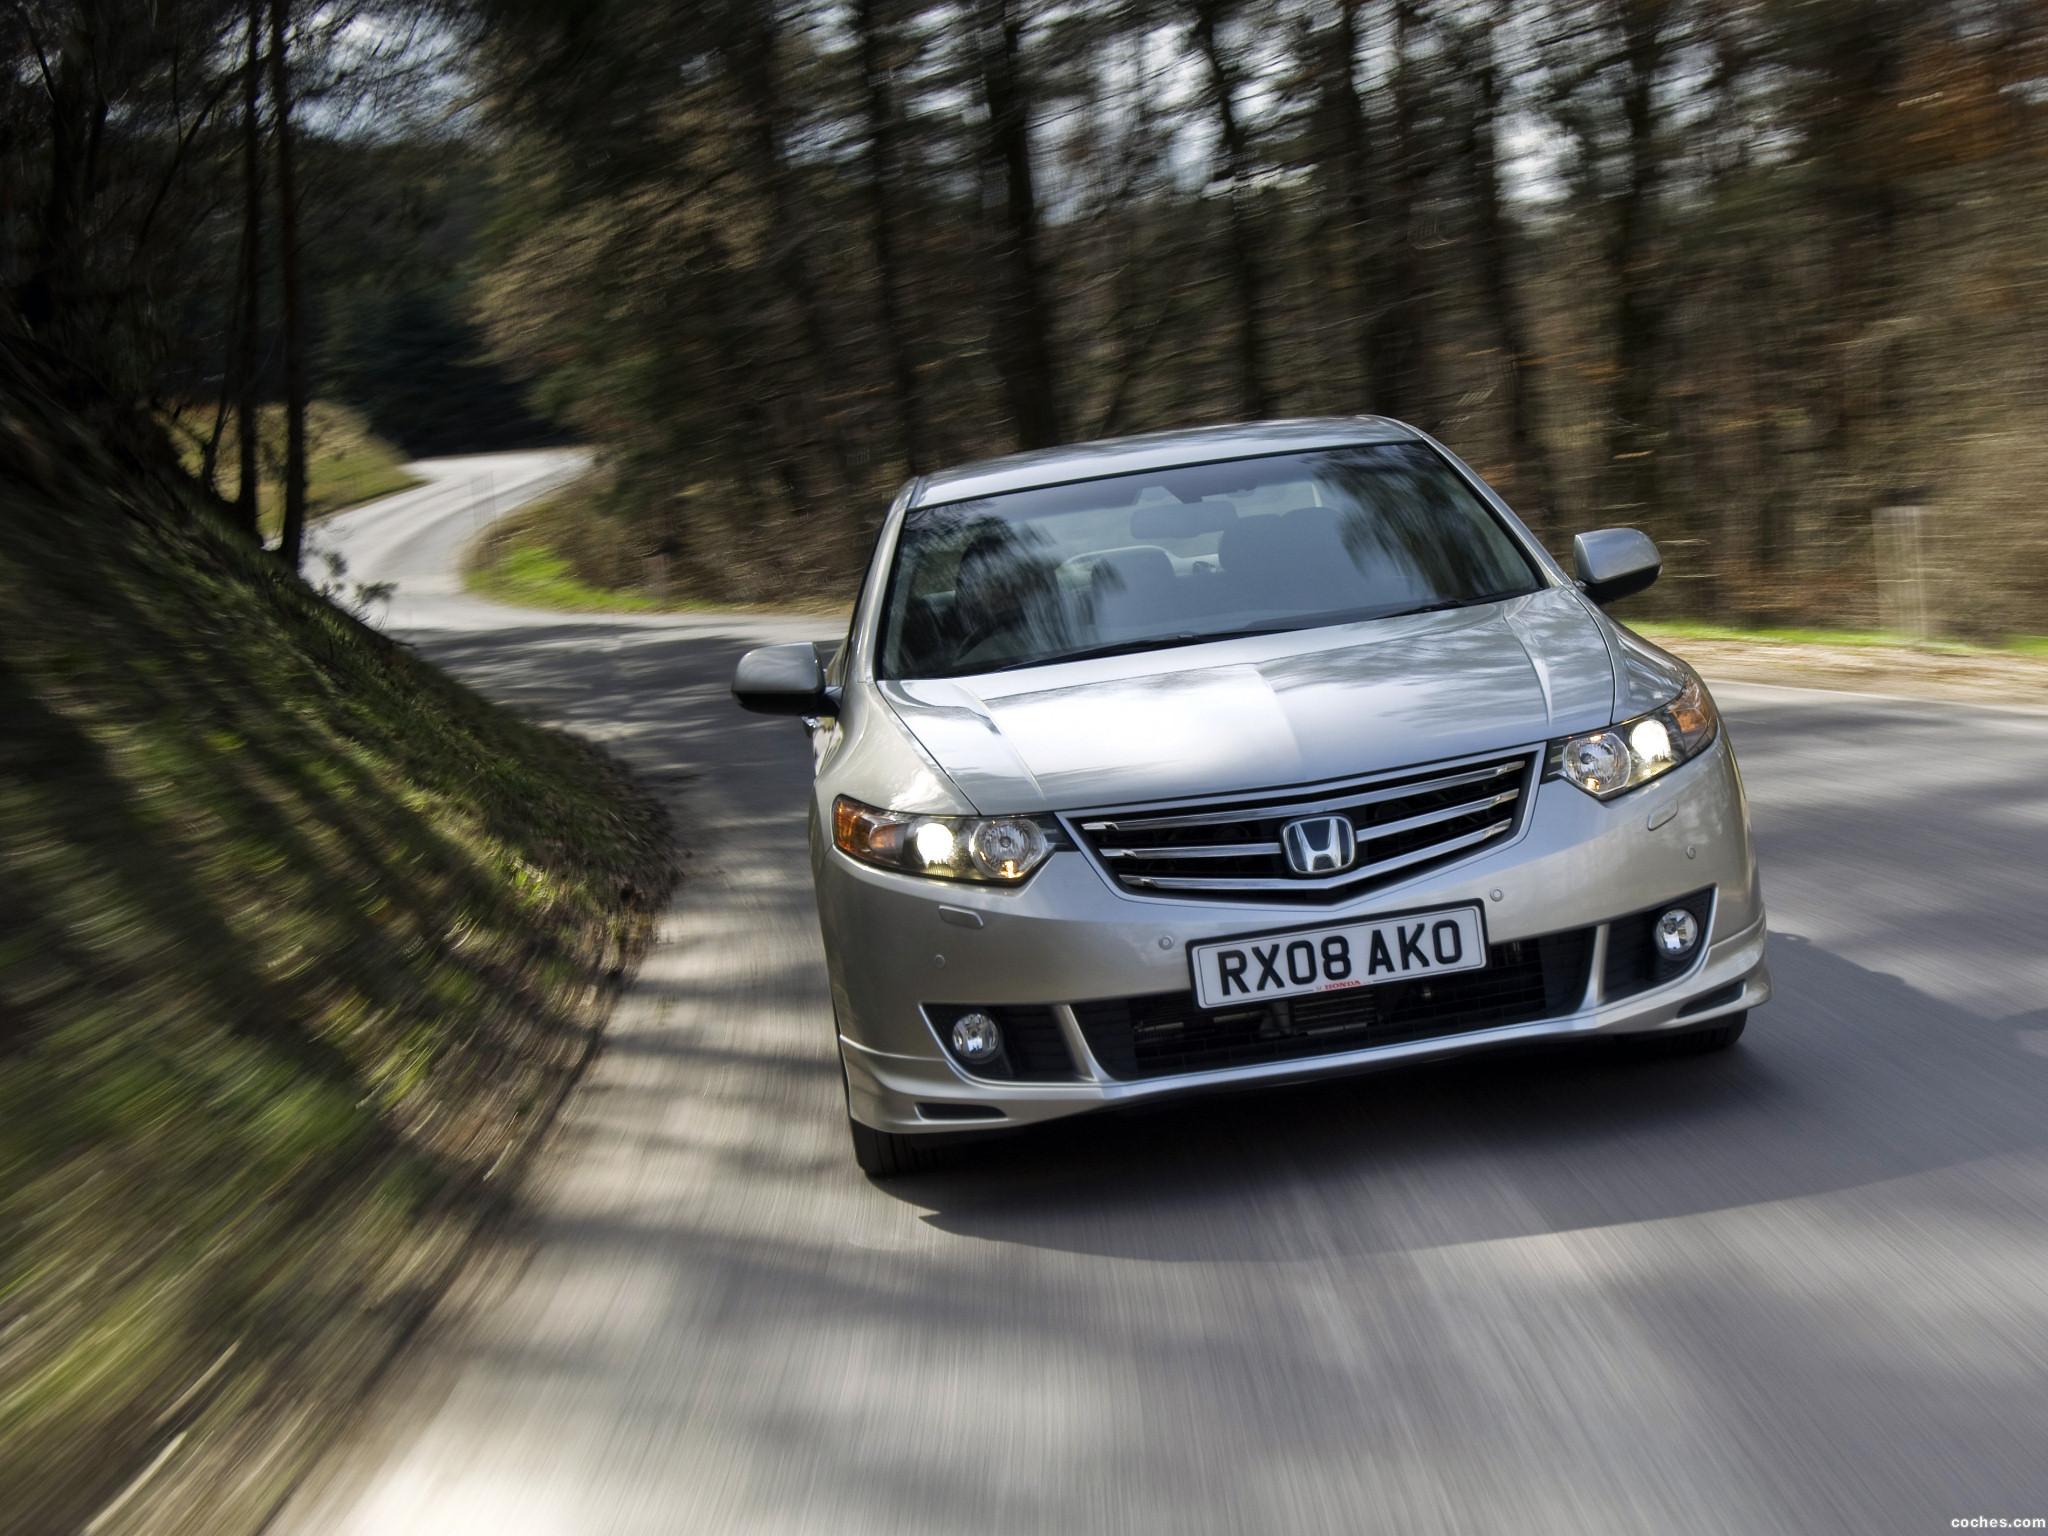 Foto 7 de Honda Accord UK Edition 2008